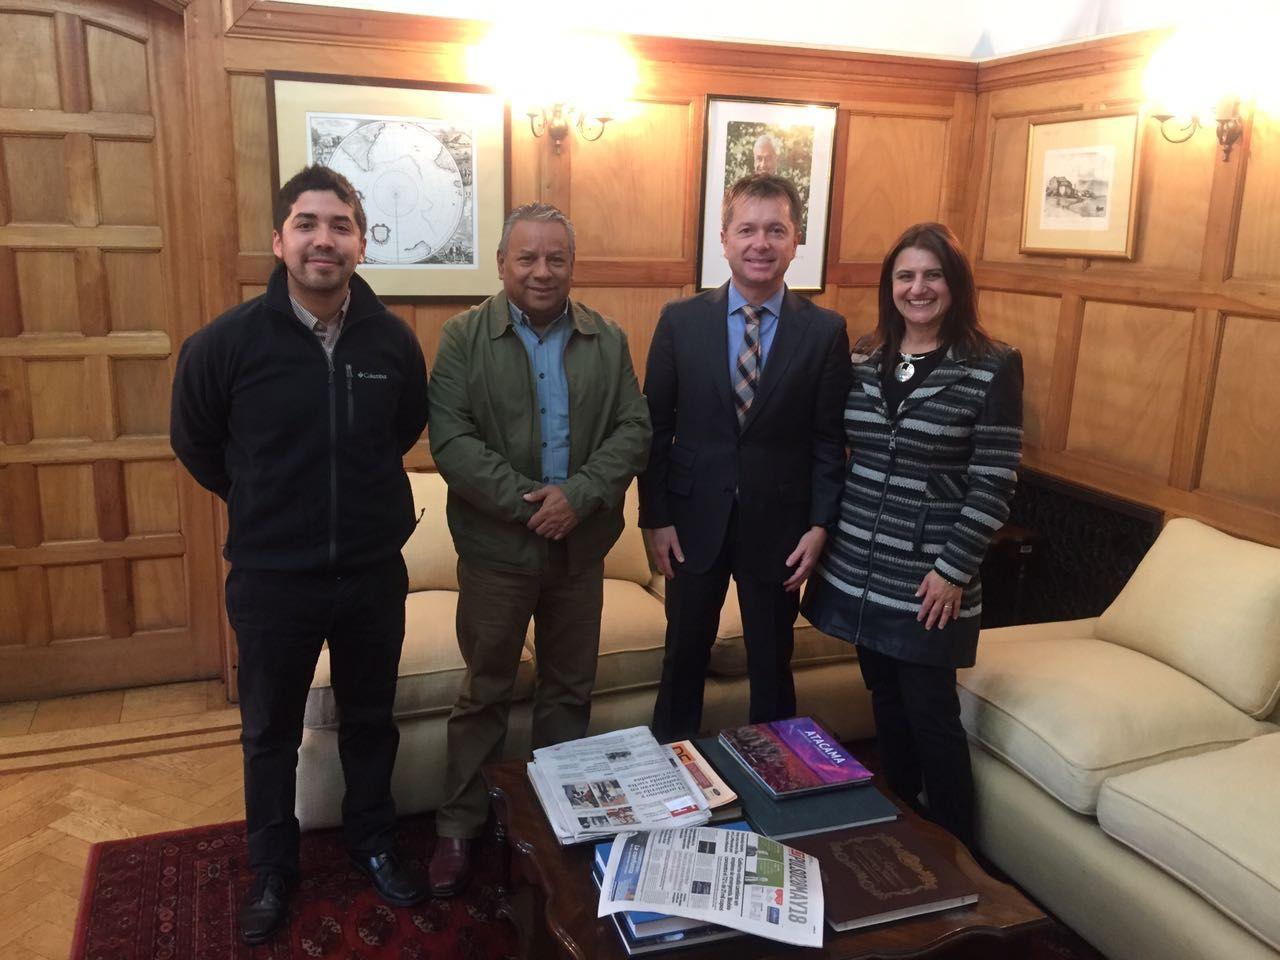 Diputados Cid y  Santana se reúnen con subsecretario de Desarrollo Regional por reconstrucción tras el aluvión del 2015 en Atacama